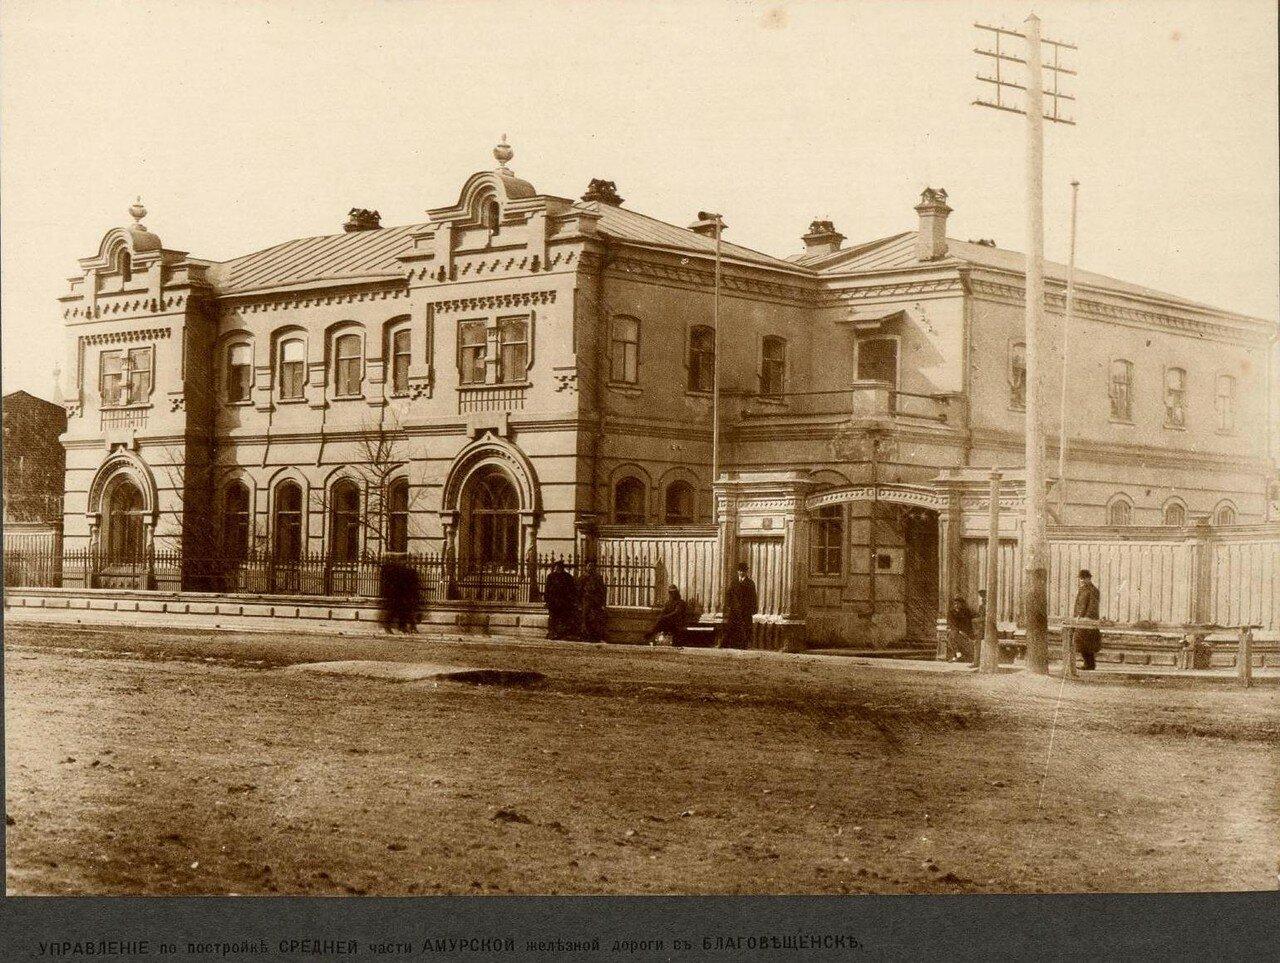 Благовещенск. Управление по постройке Средней части Амурской железной дороги